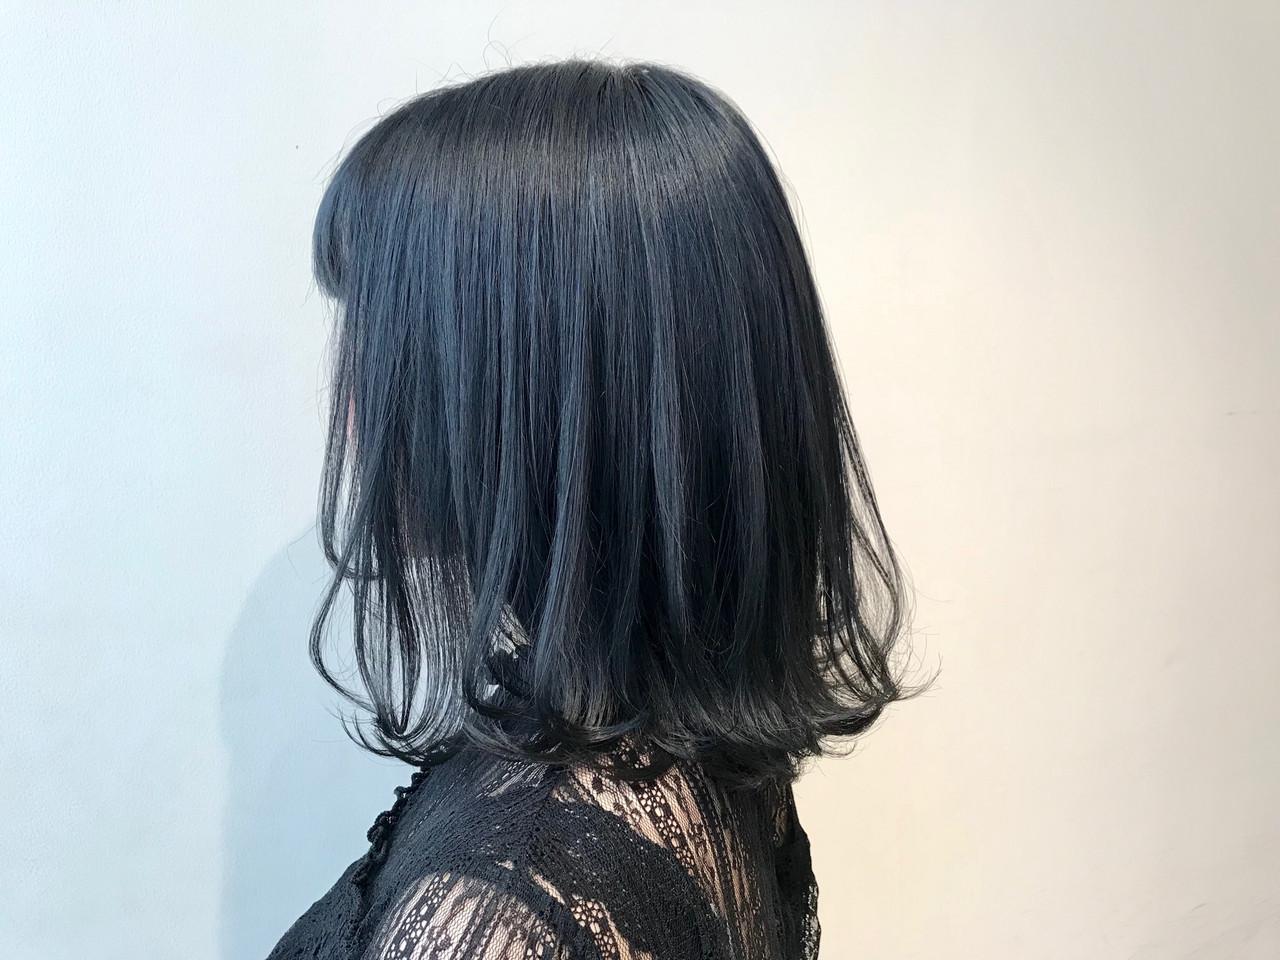 次のヘアカラーは、ブルーブラックへシフト!透明感を手に入れよう♡の6枚目の画像